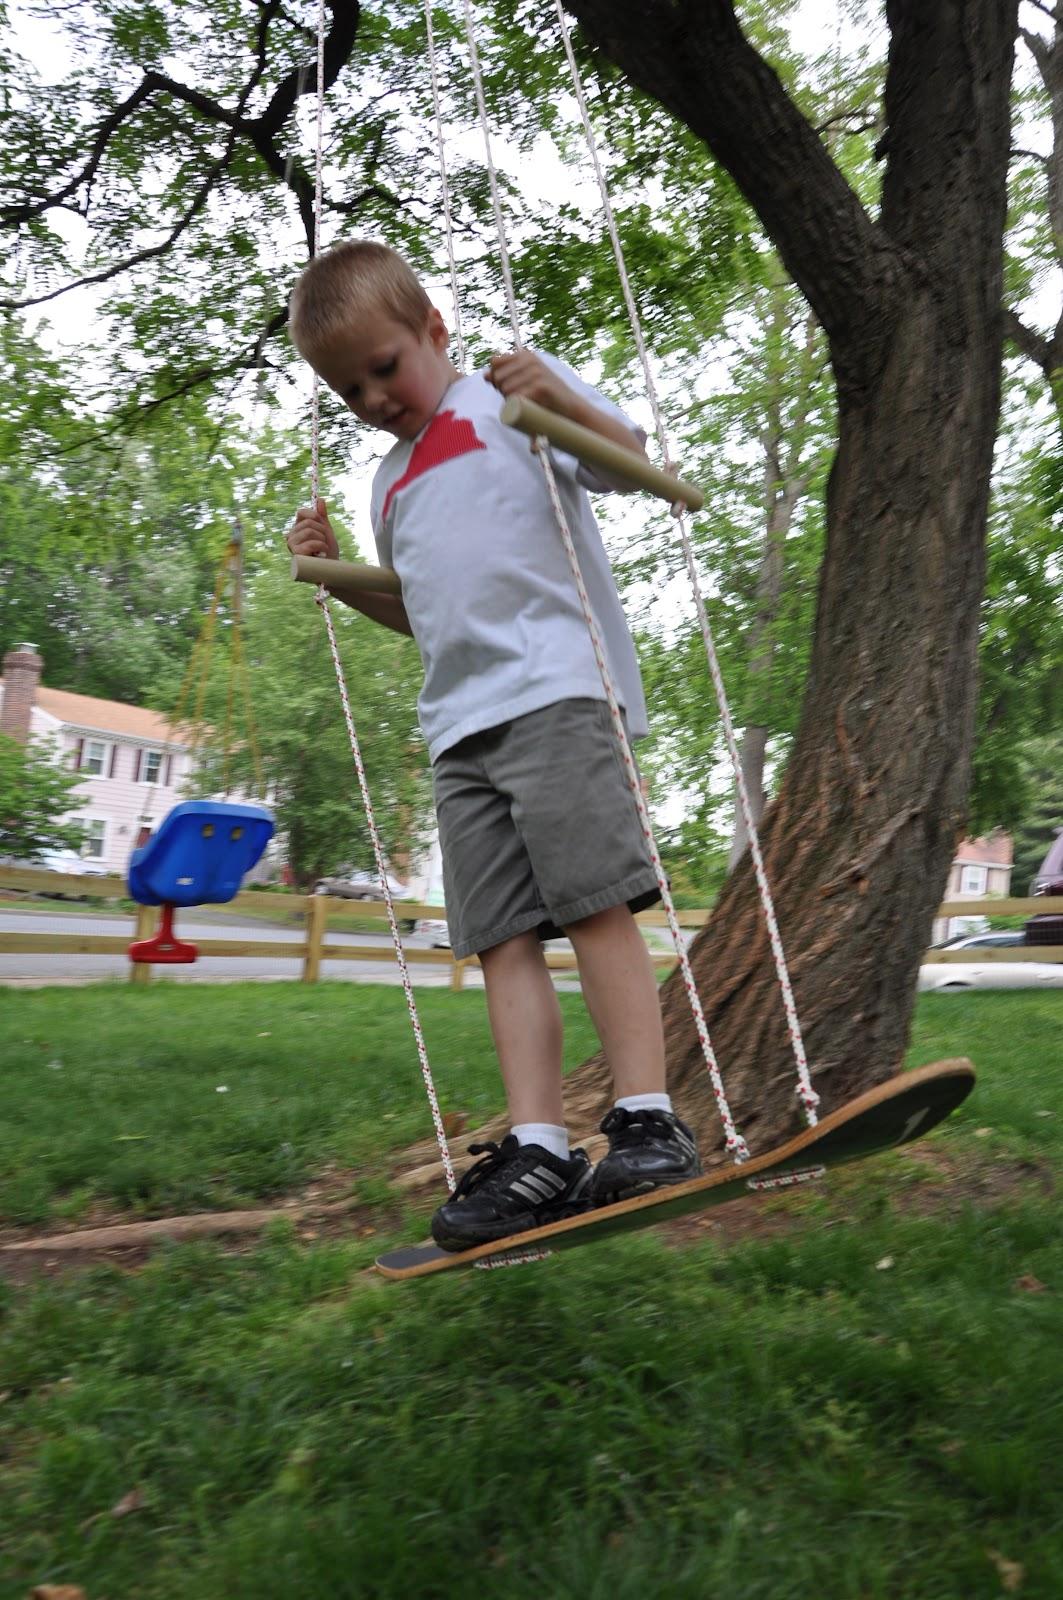 9.SIMPHOME.COM A Skateboard Swing Project idea